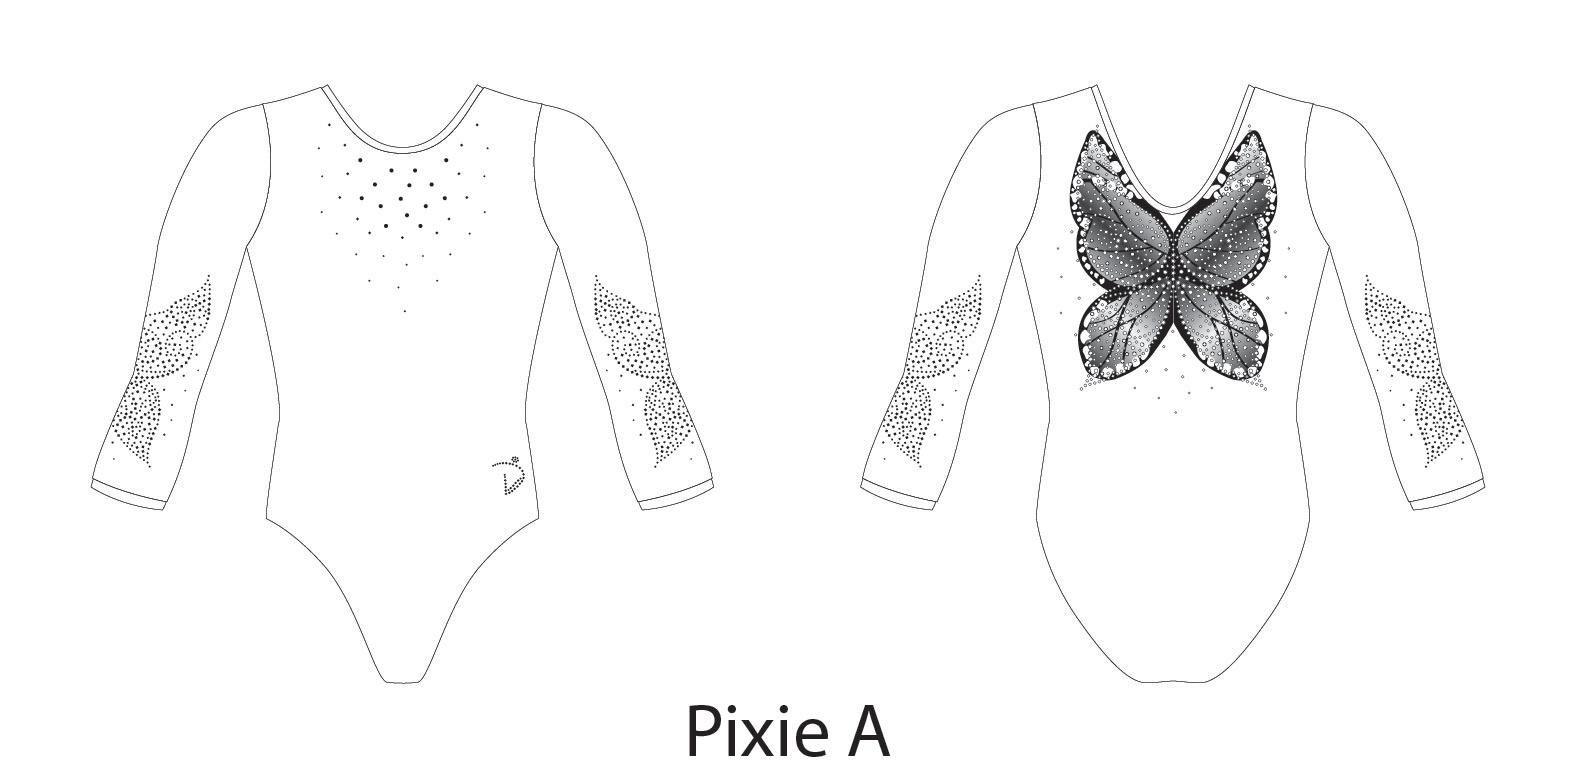 Pixie A